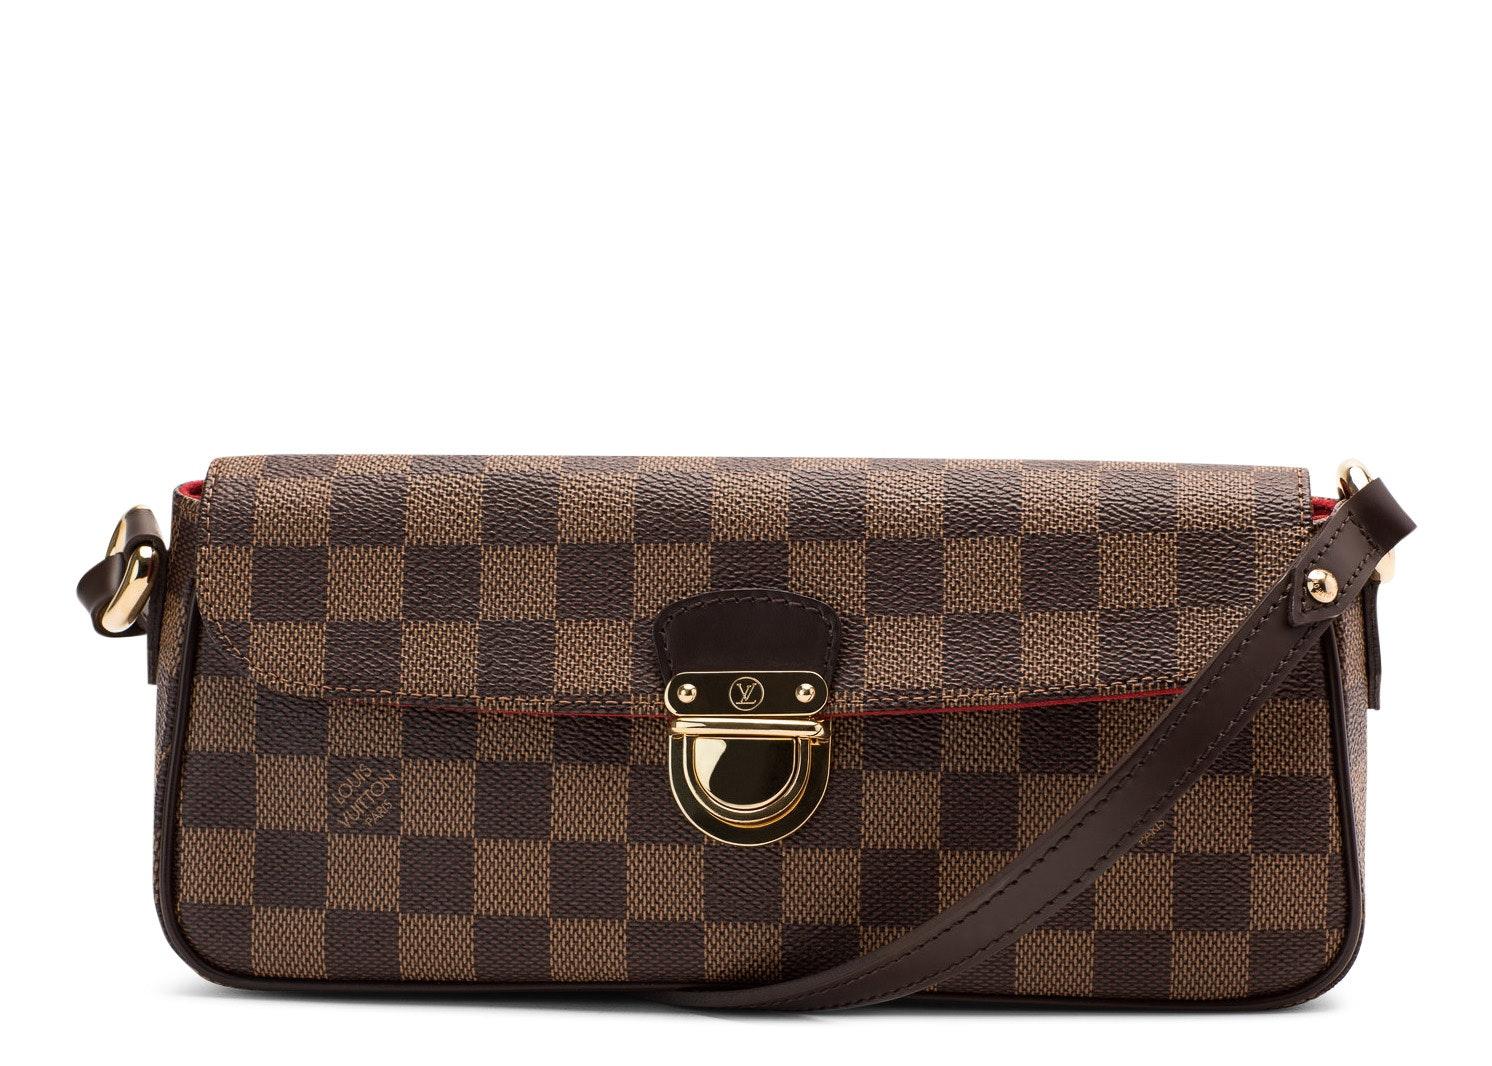 Louis Vuitton Ravello Damier Ebene PM Brown